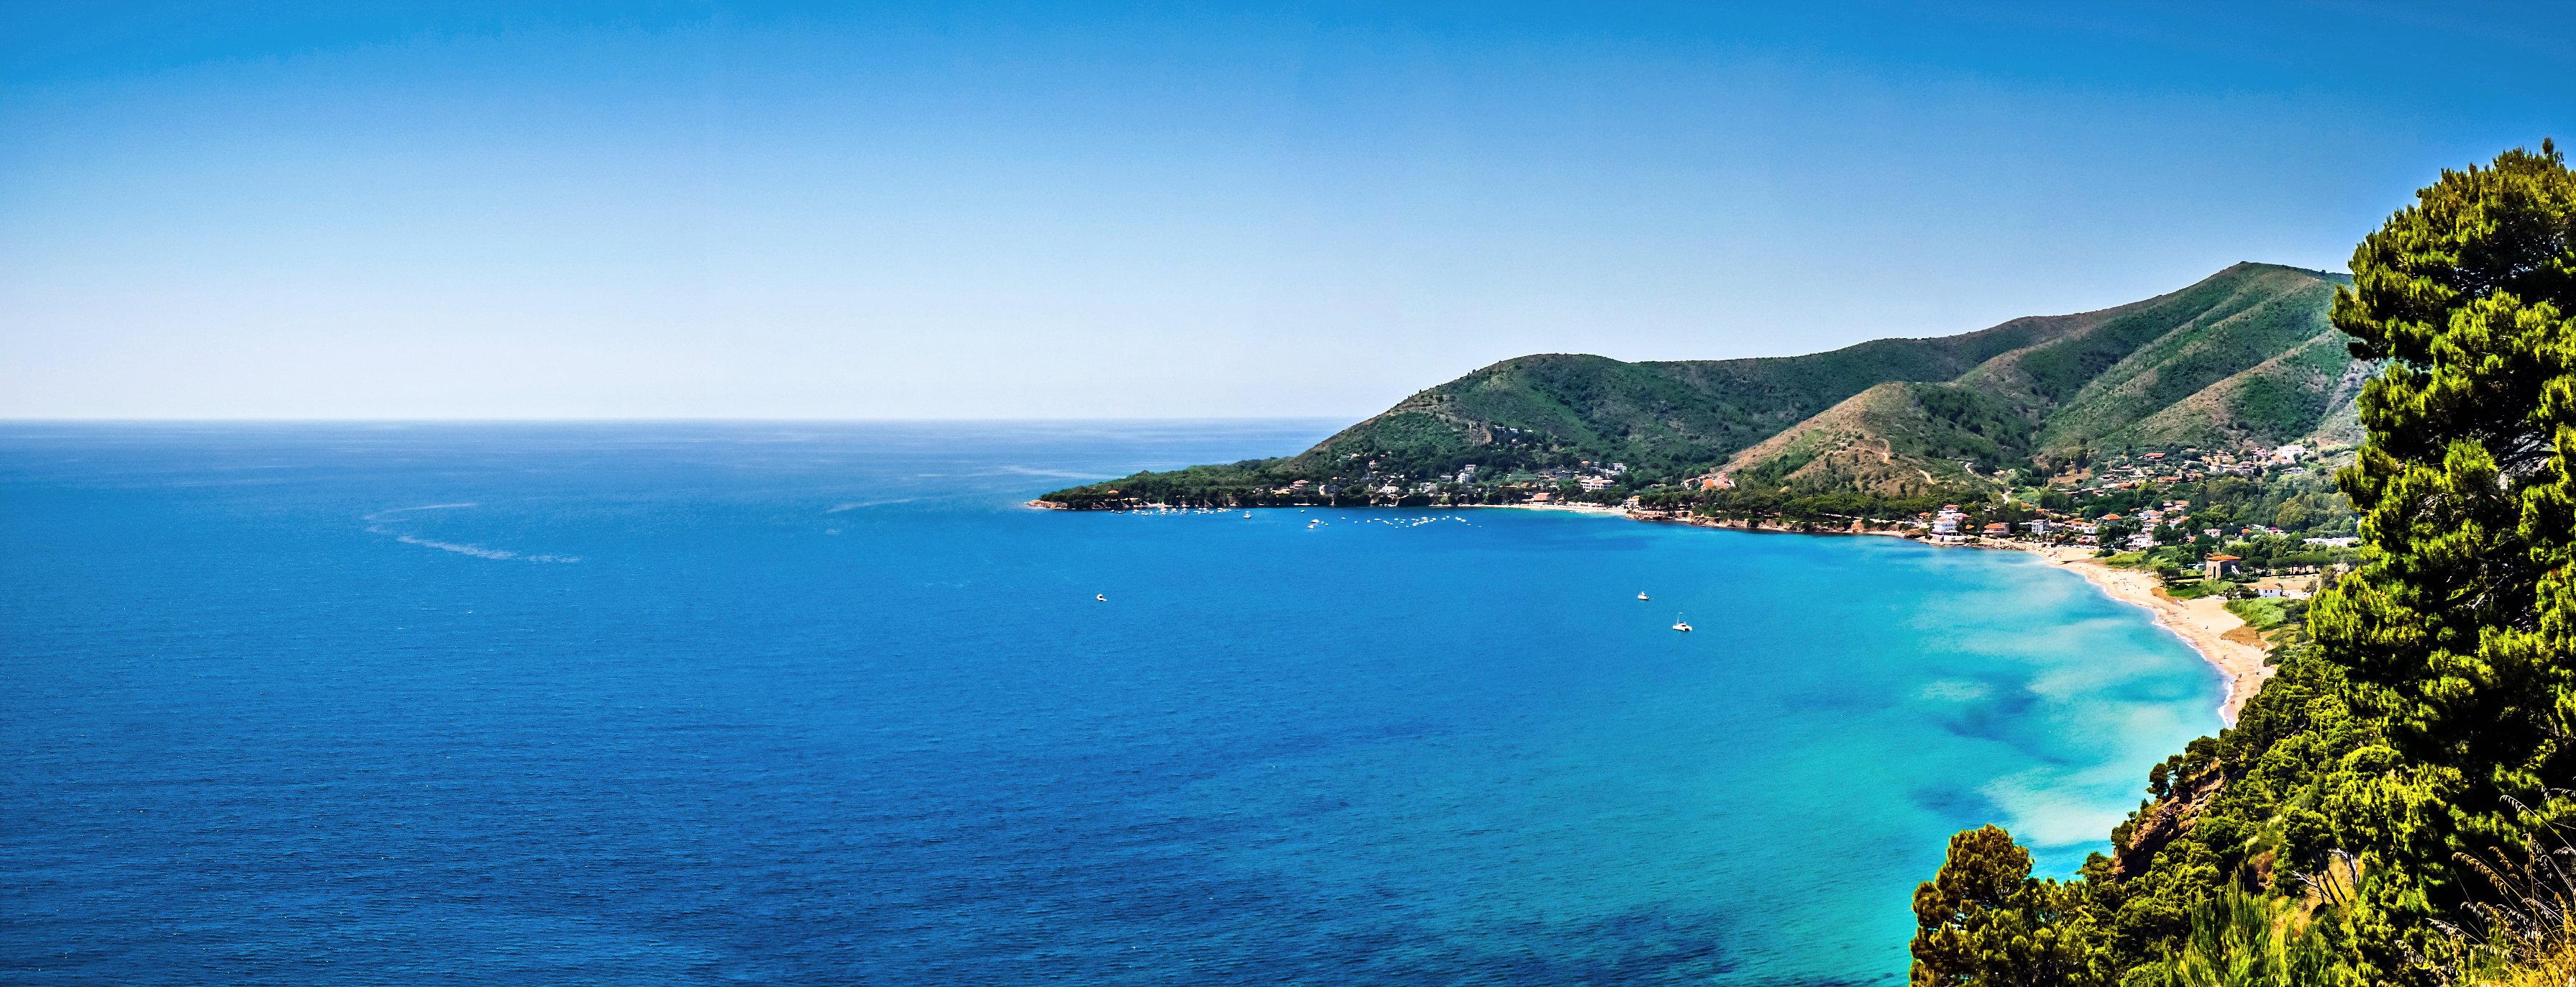 spiaggia piu bianca italia nel salento